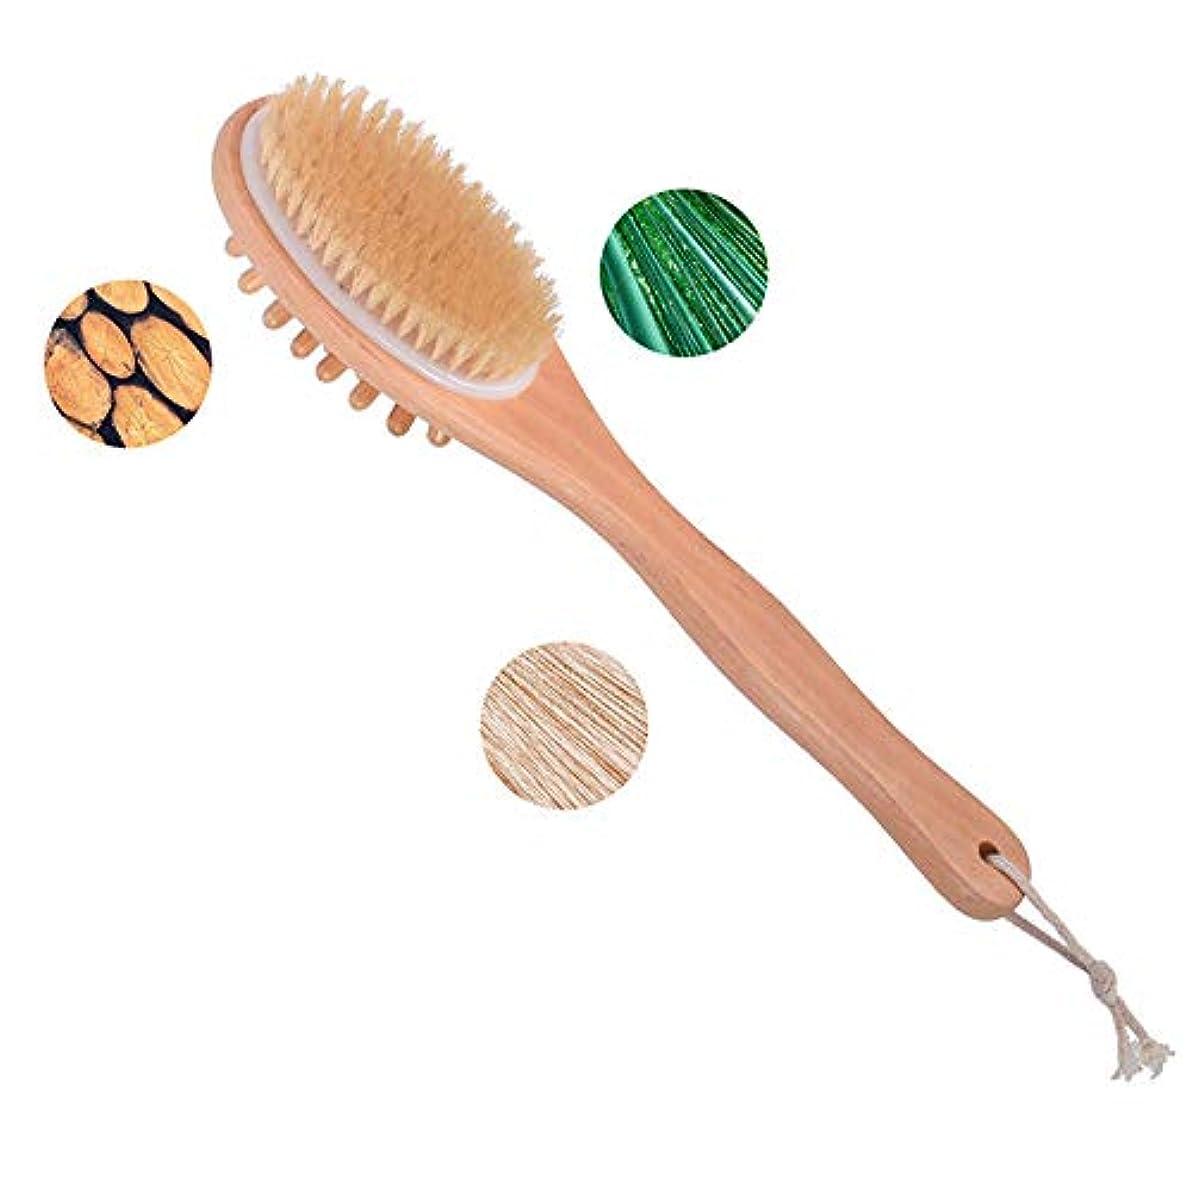 ポンプ成熟マニフェストバスブロッサムタケバスボディーブラシエクストラロングハンドル角質除去バックスクラバー効果的なバックブラシ剥離と肌セルライトブラシ